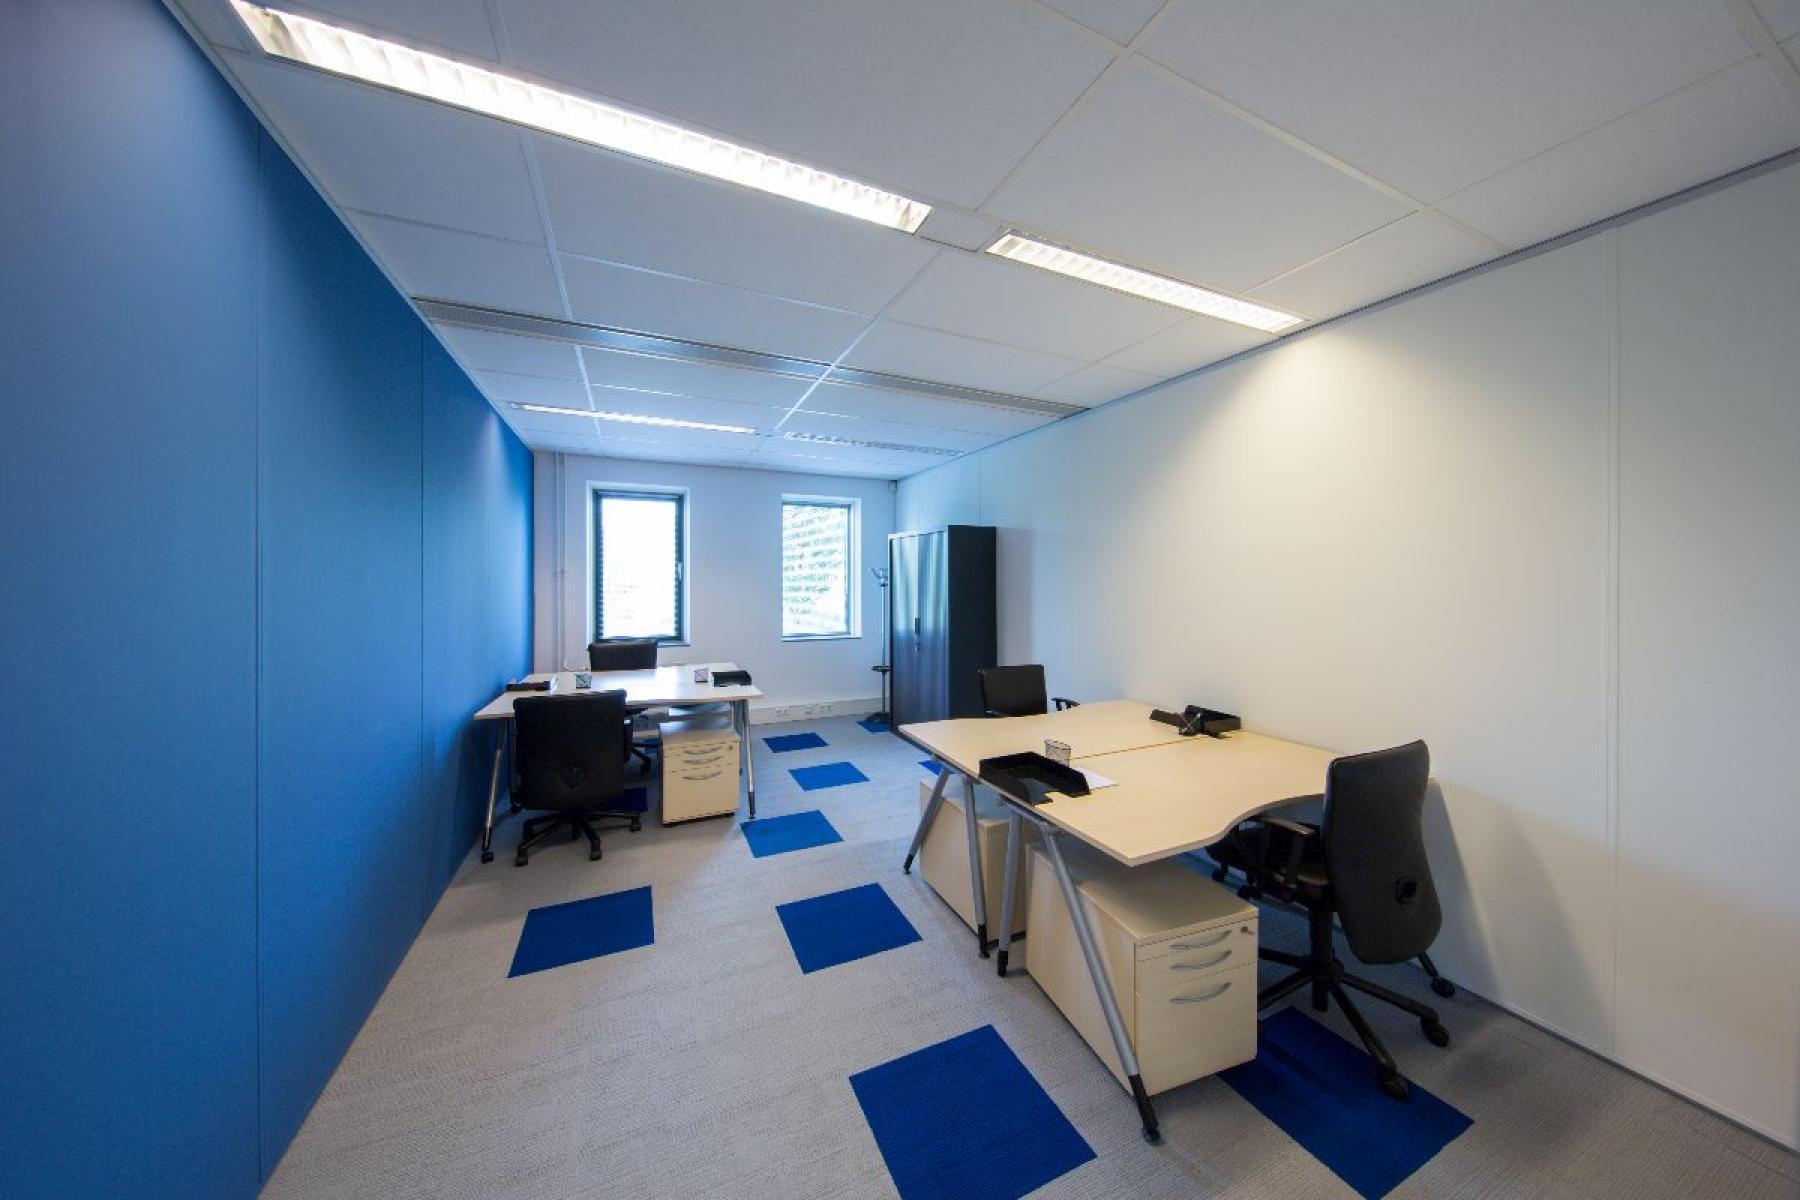 kantoorkamer kantoorruimte werken Haarlem SKEPP